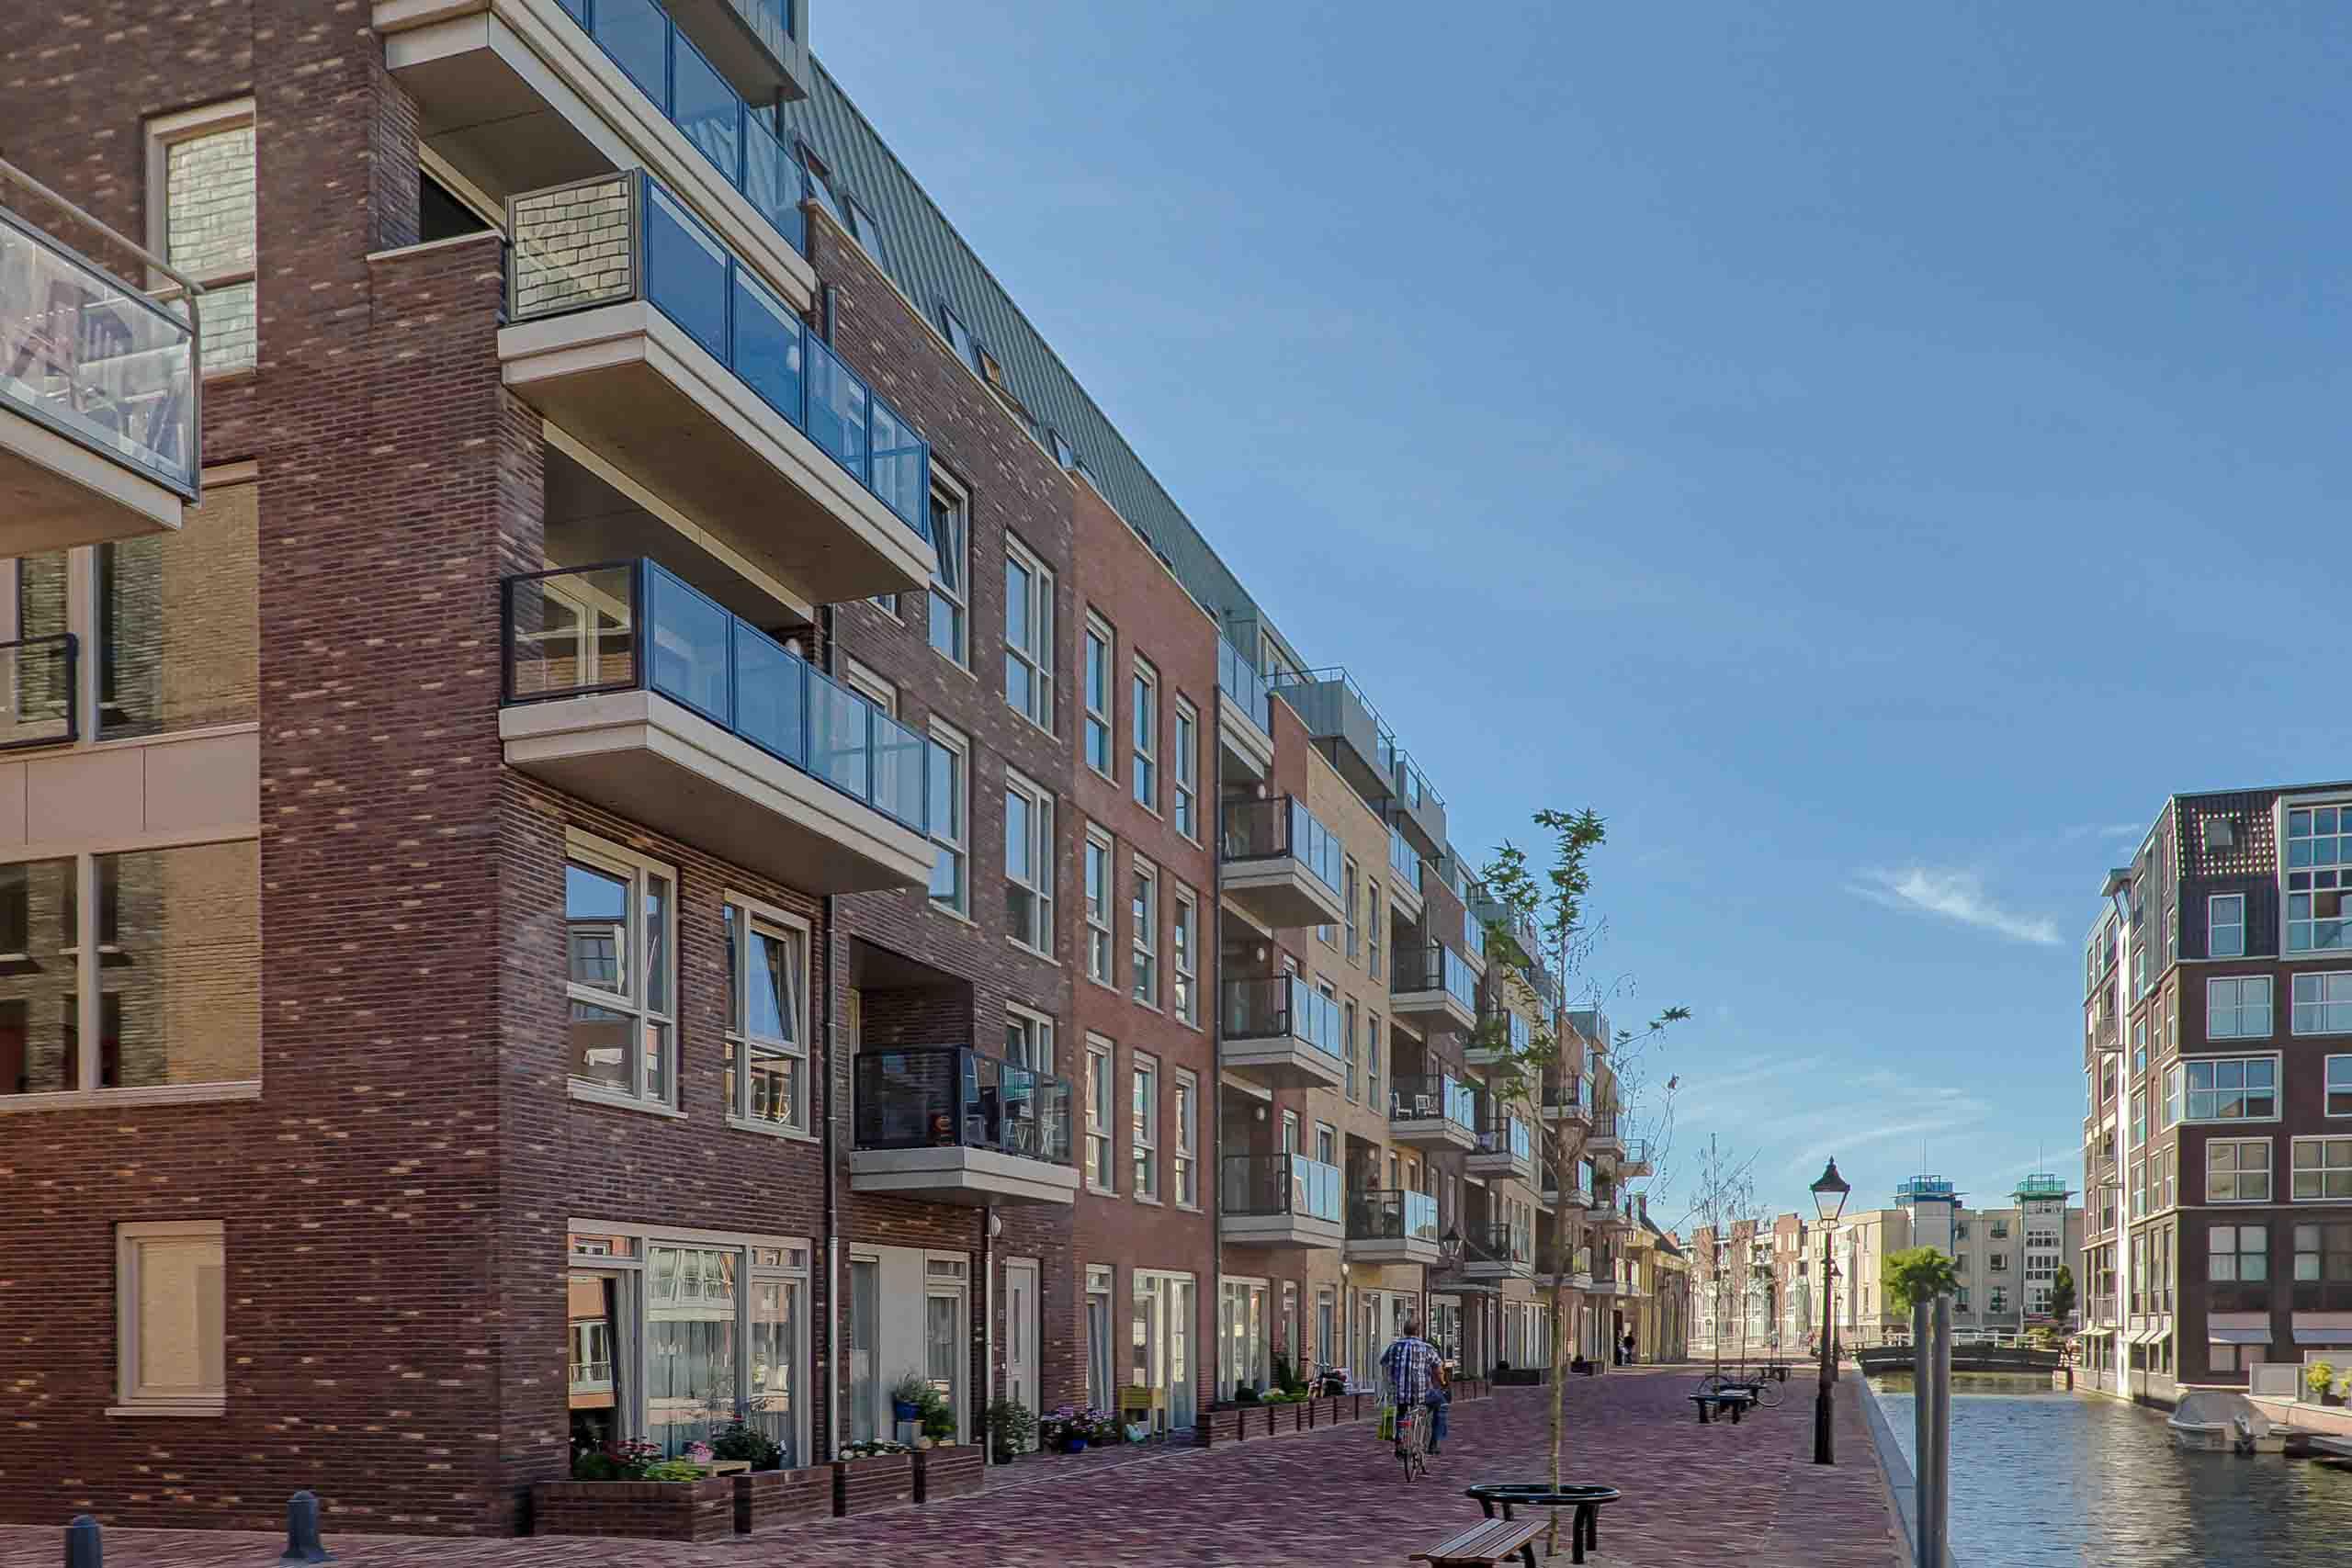 Alkmaar appartementen woningen woningbouw architect Ton van 't Hoff architectuur herstructurering